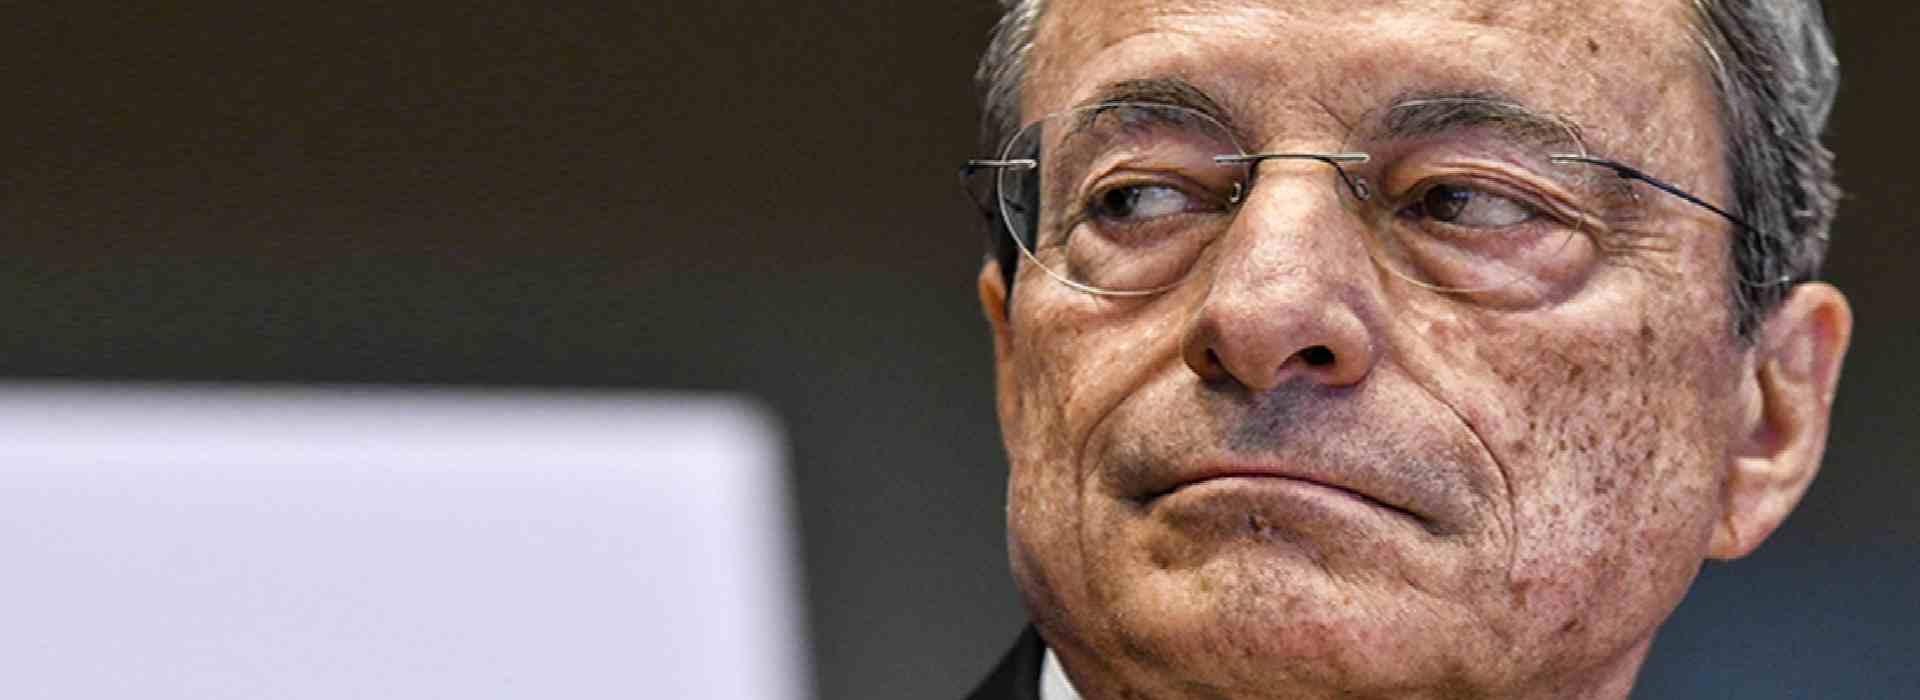 I contatti segreti di Mario Draghi e la genuflessione della politica all'economia